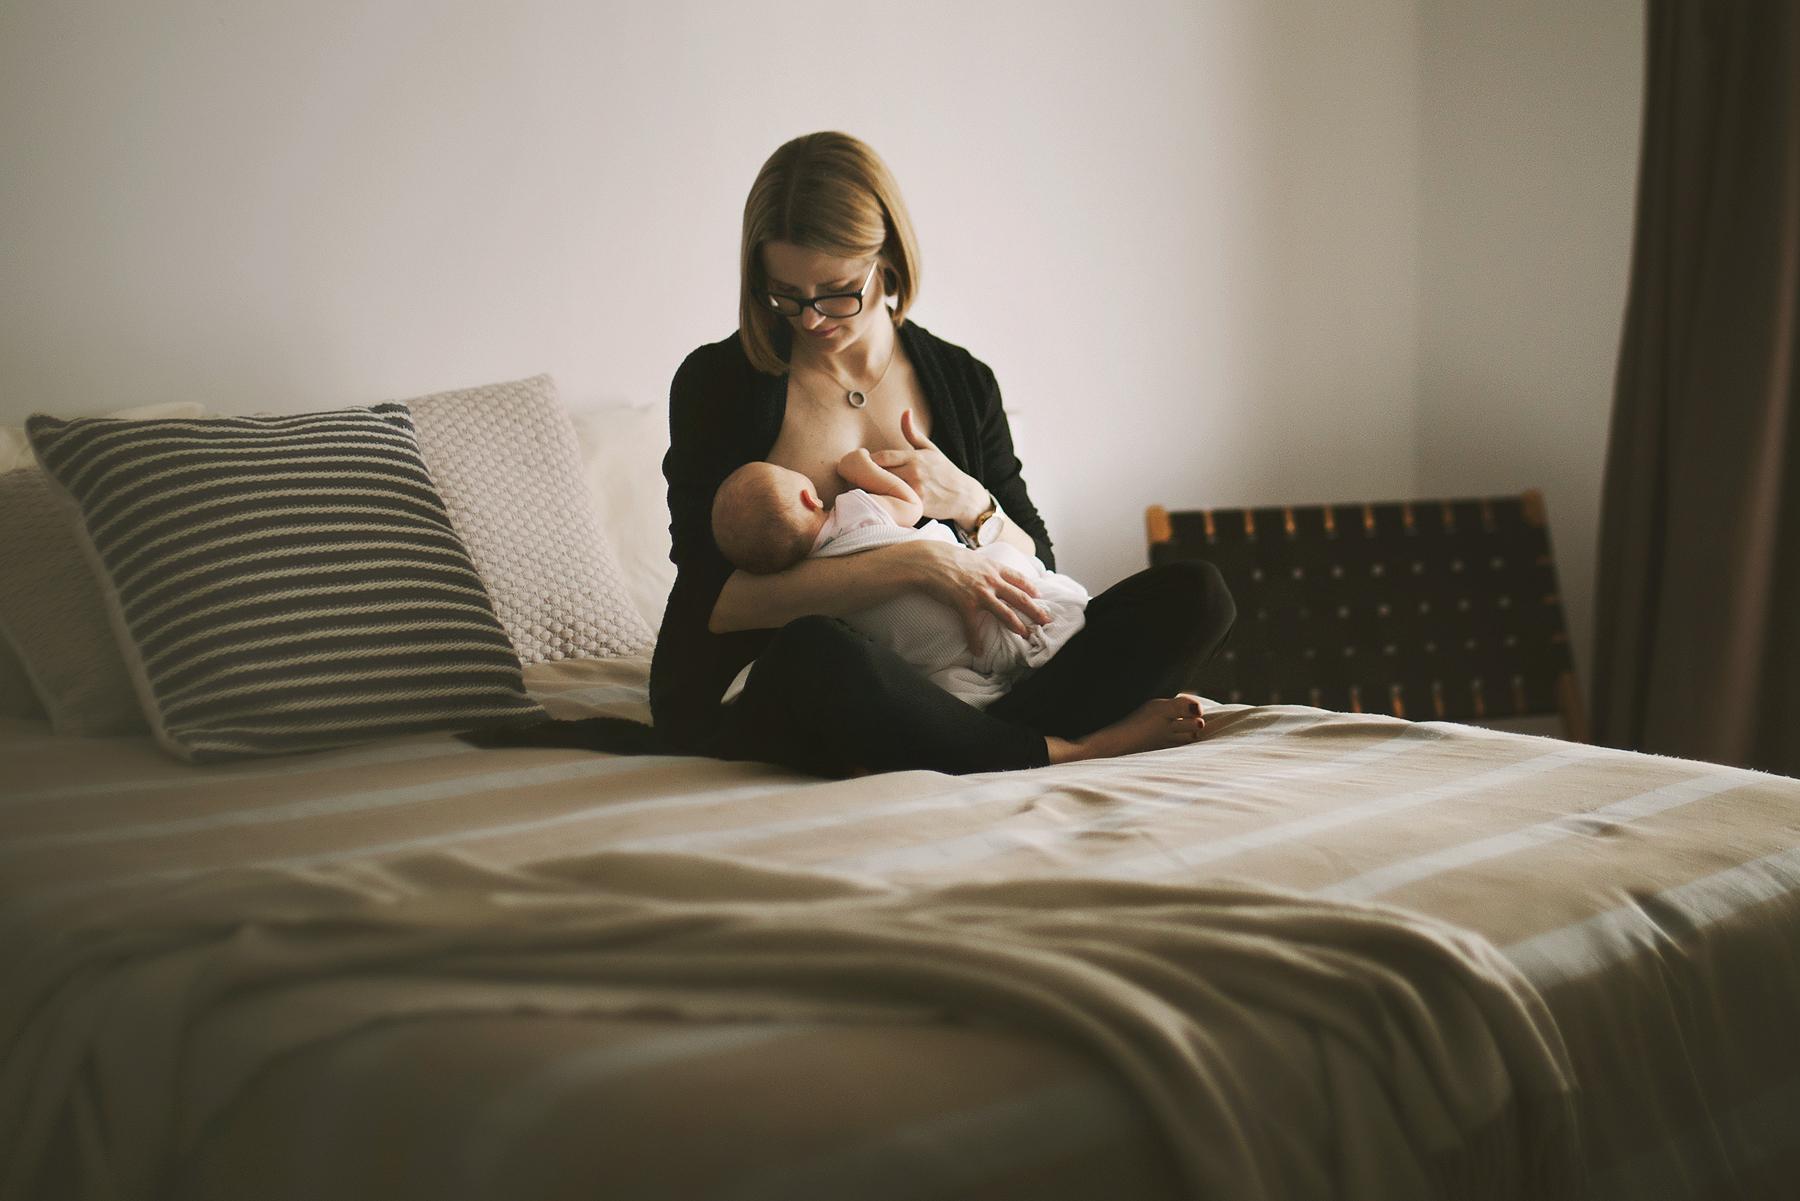 sydney-newborn-photograoher-a-mum-breastfeeds-her-baby-in-her-bedroom